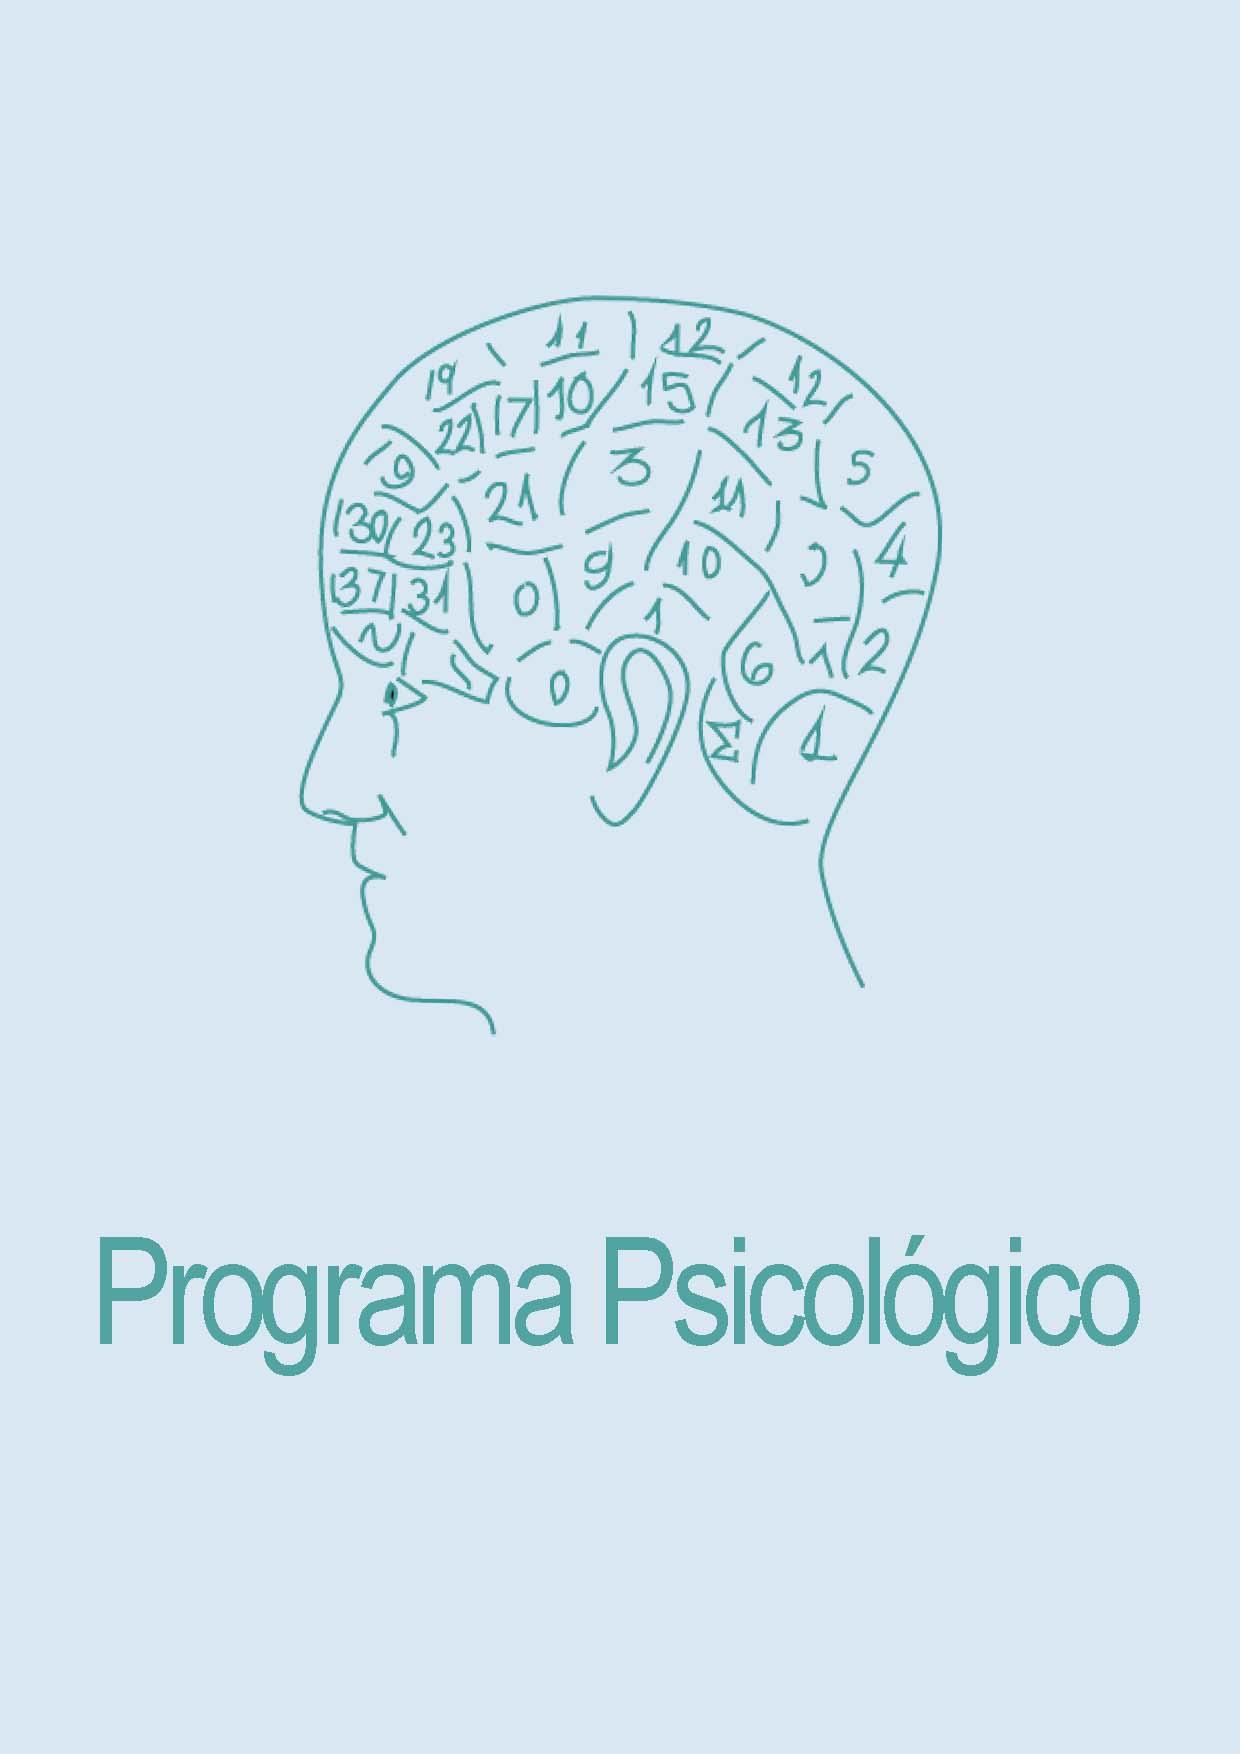 Programa Psicologico Icono